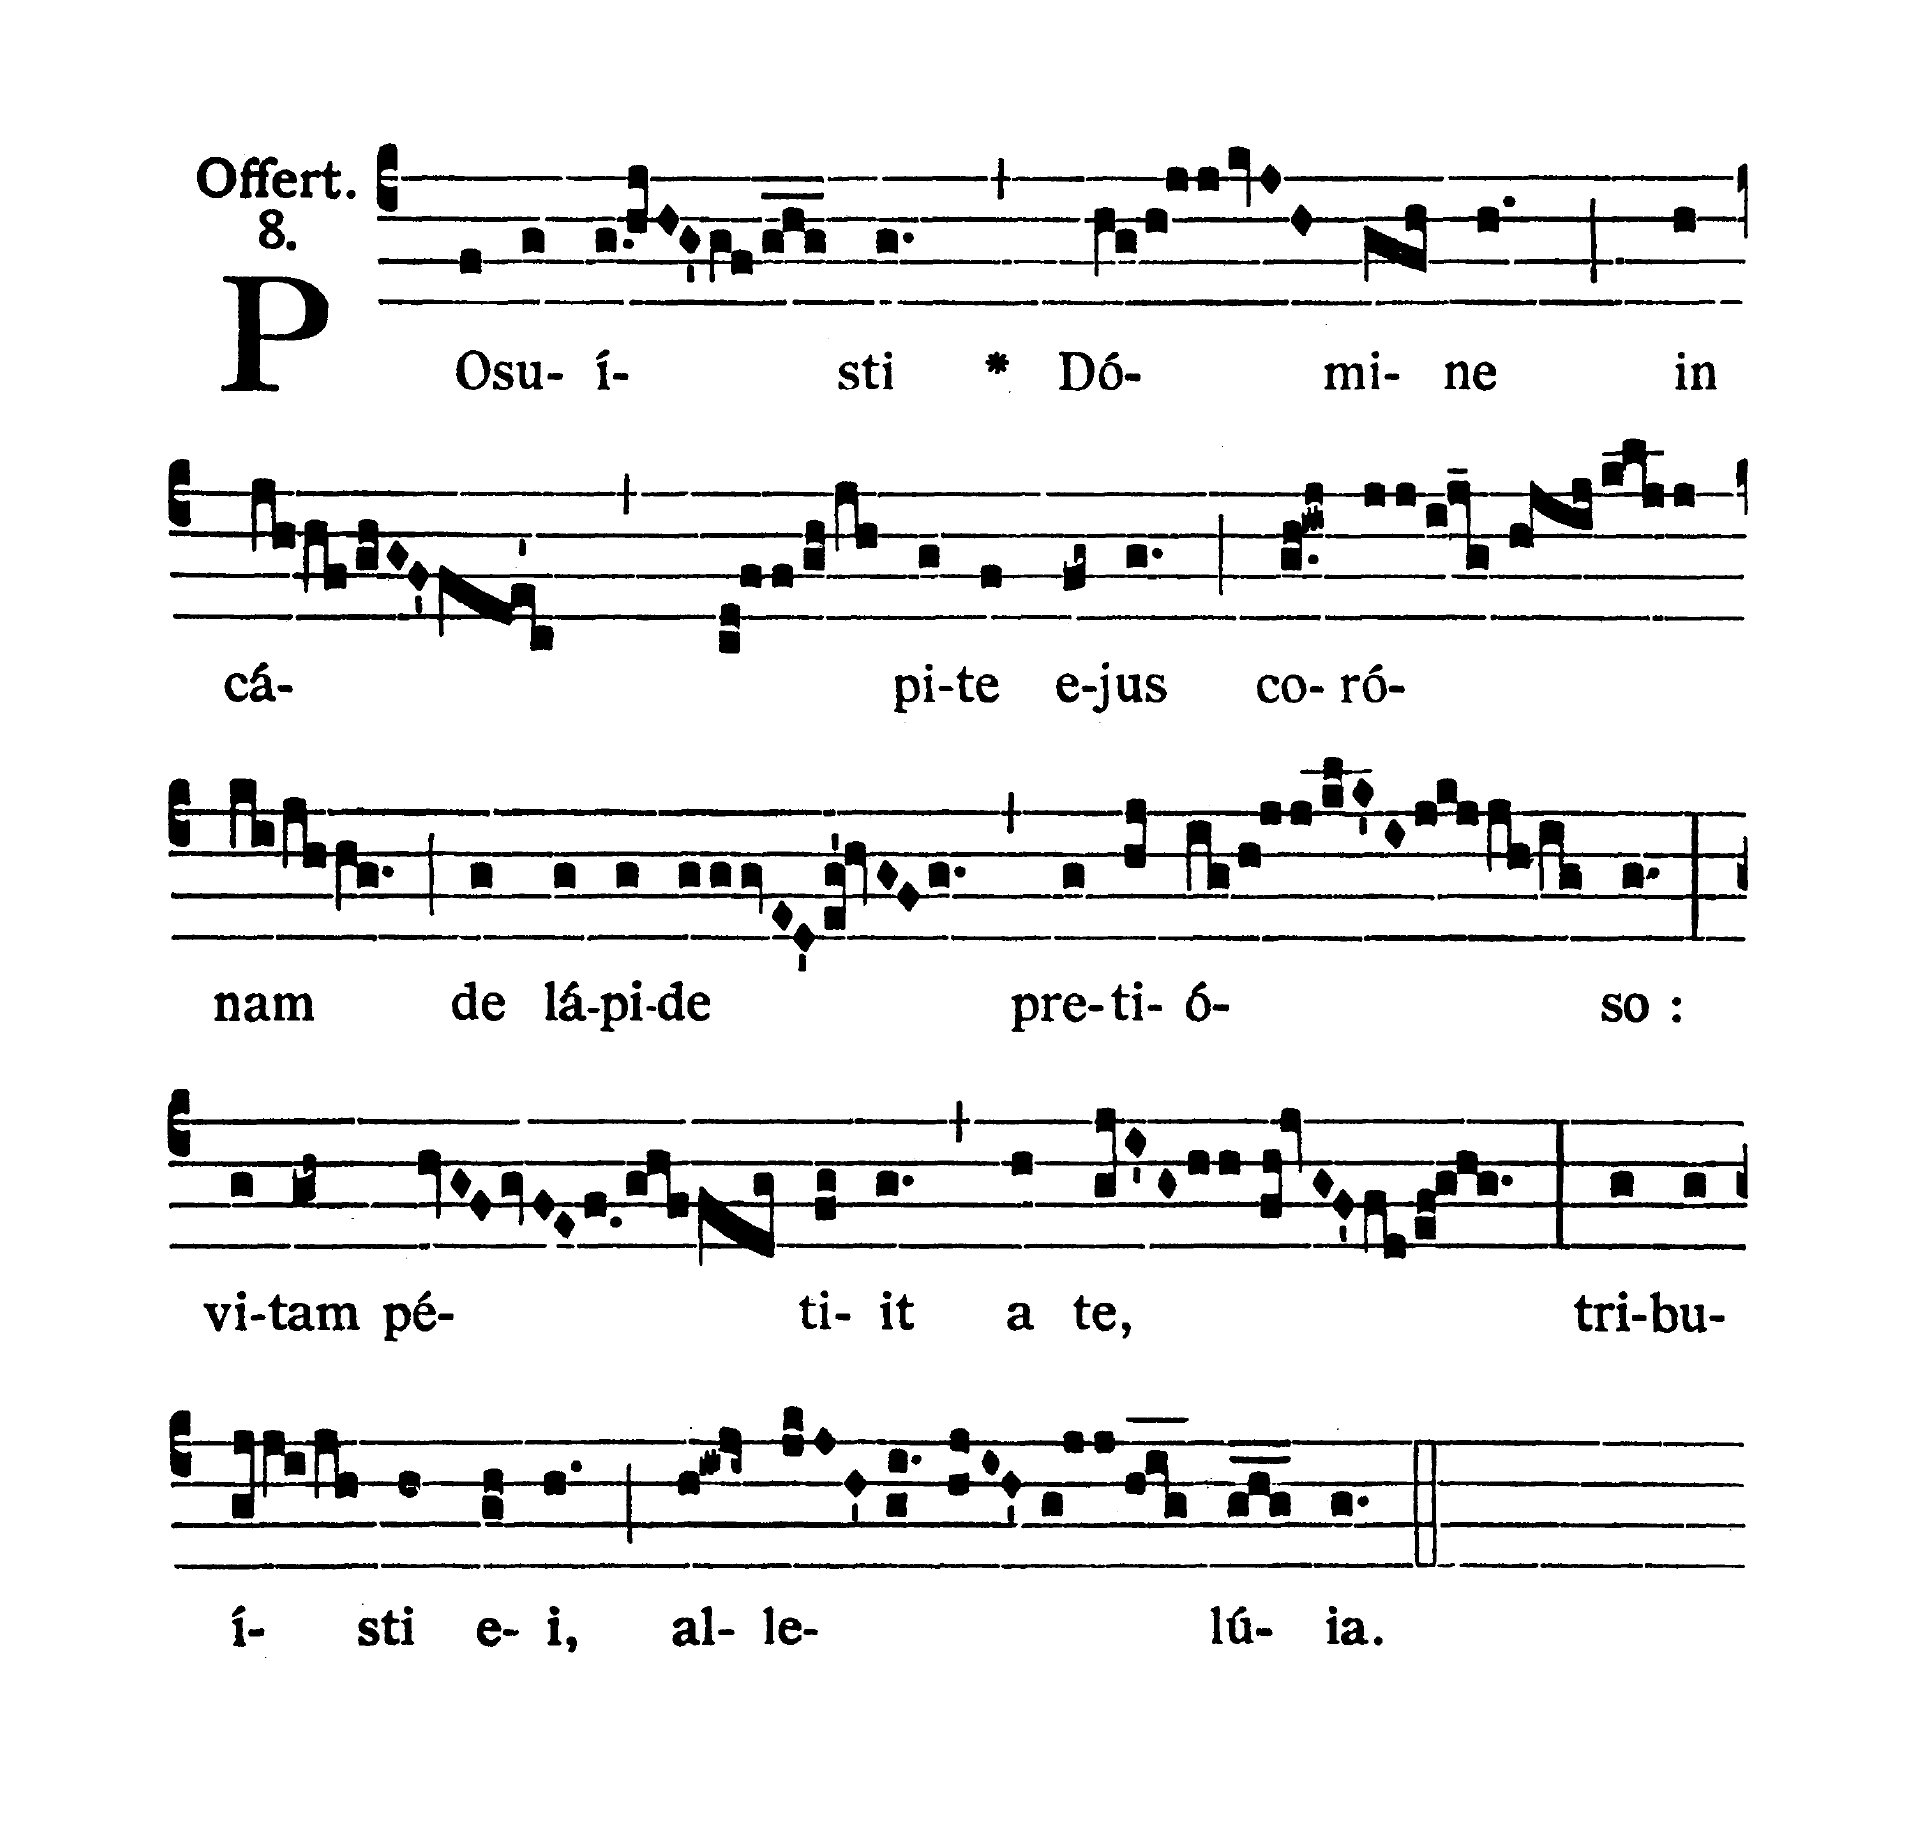 Sancti Thomae Episcopi et Martyris (Świętego Tomasza Apostoła i Męczennika) - Offertorium (Posuisti Domine)